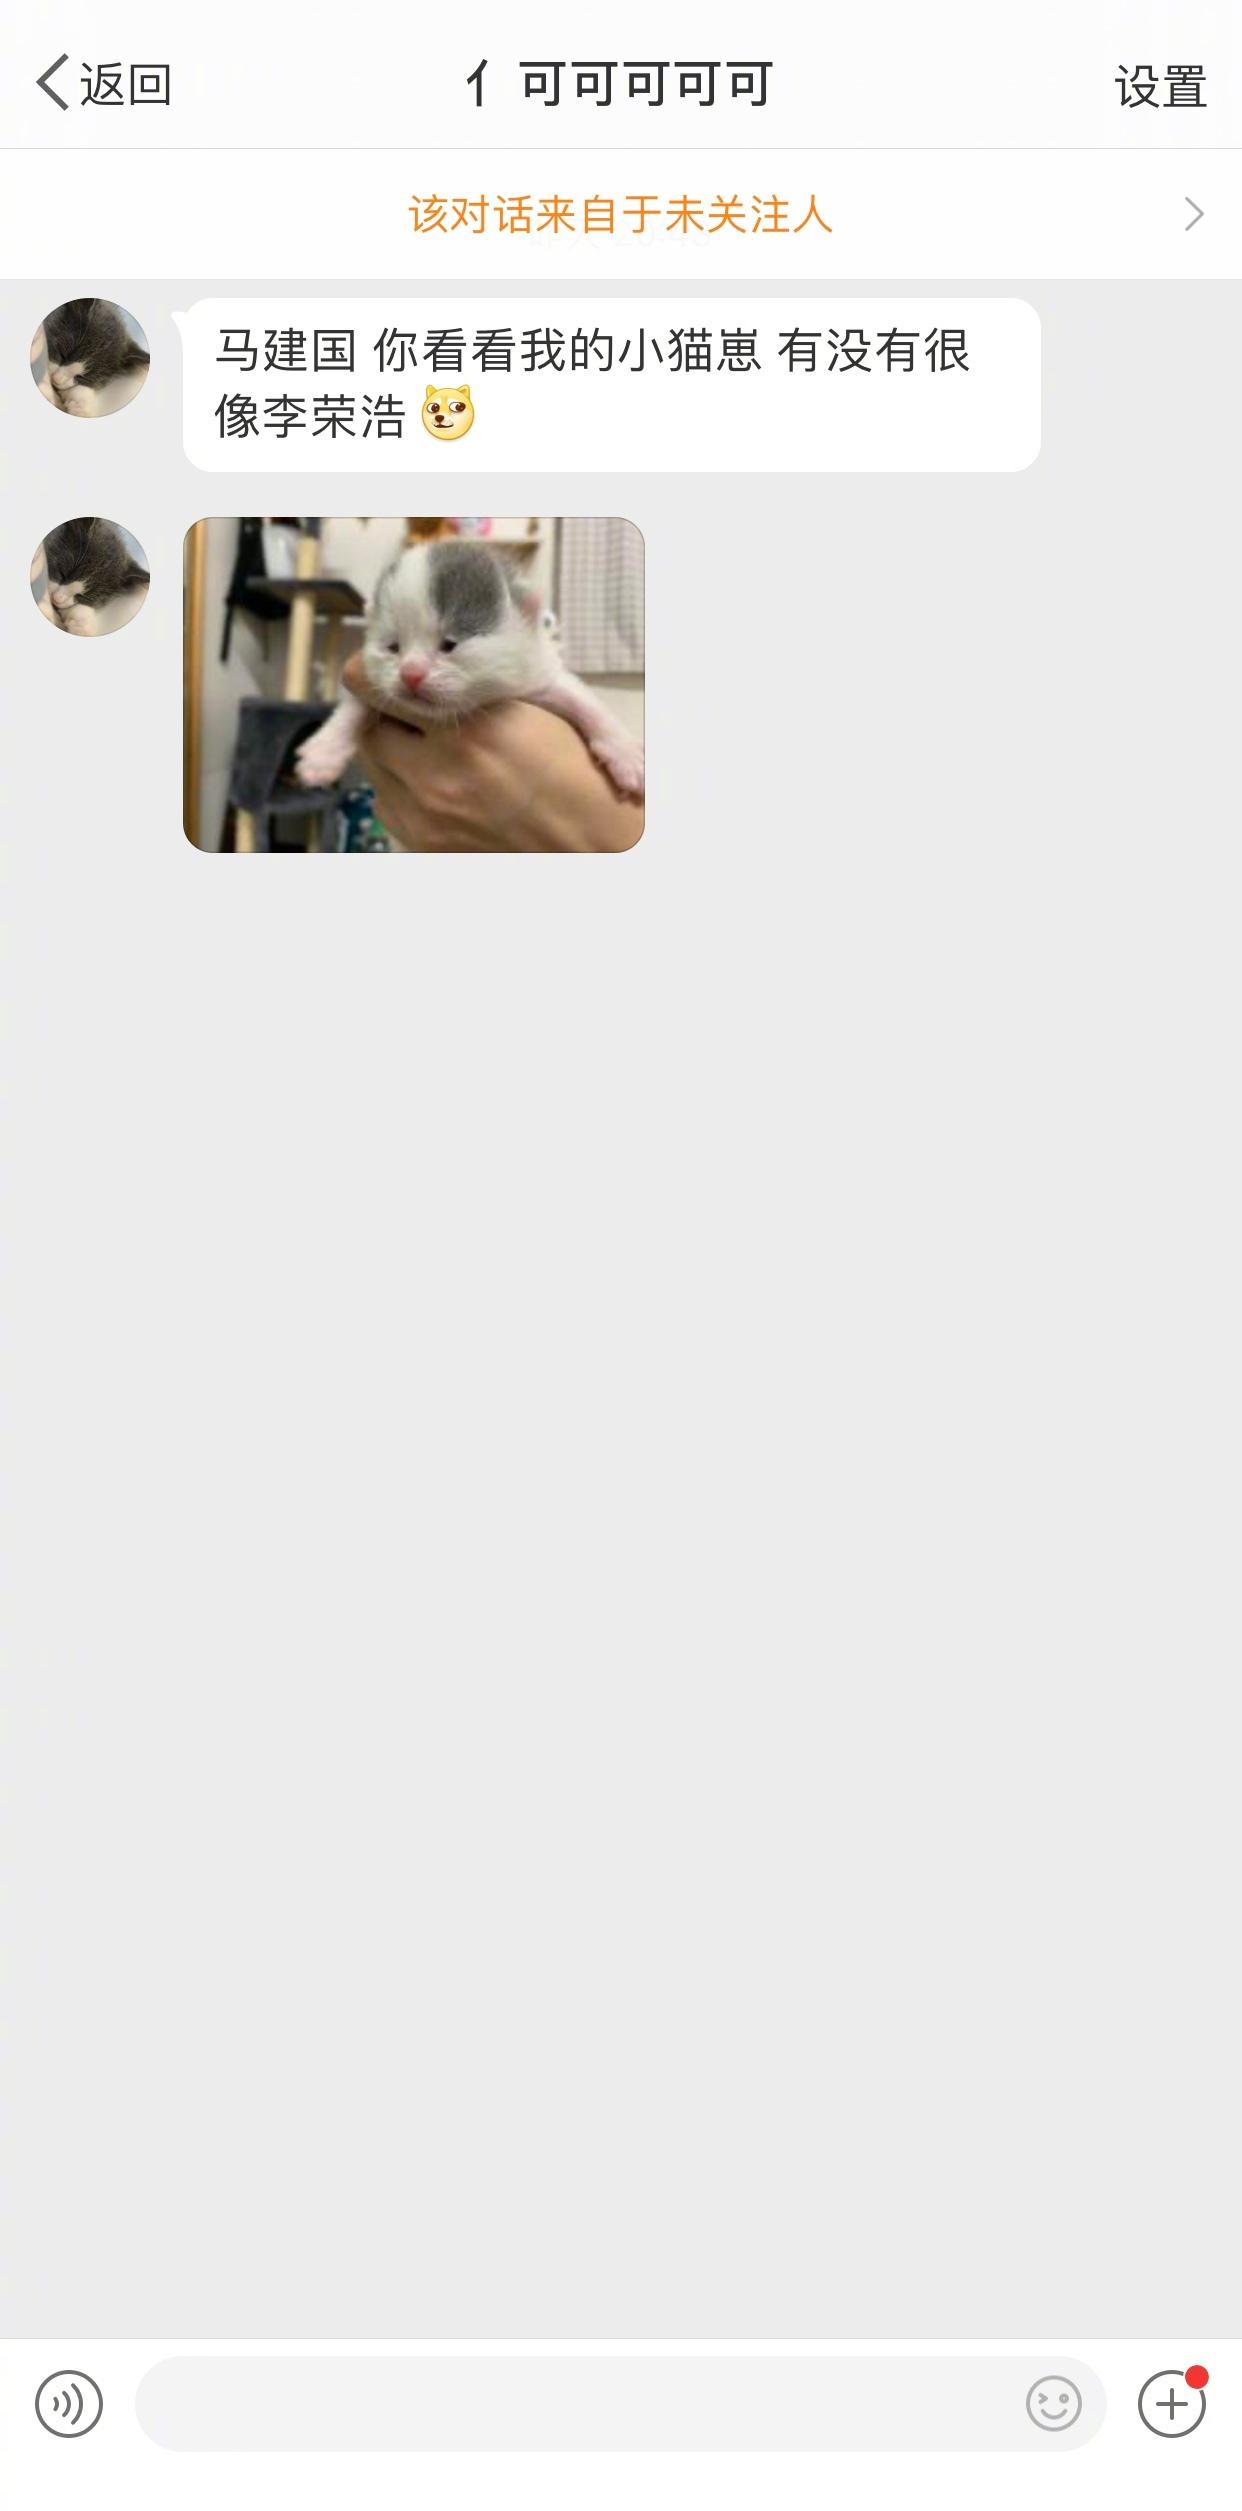 萌宠图片超像李荣浩的小奶猫-萌宠